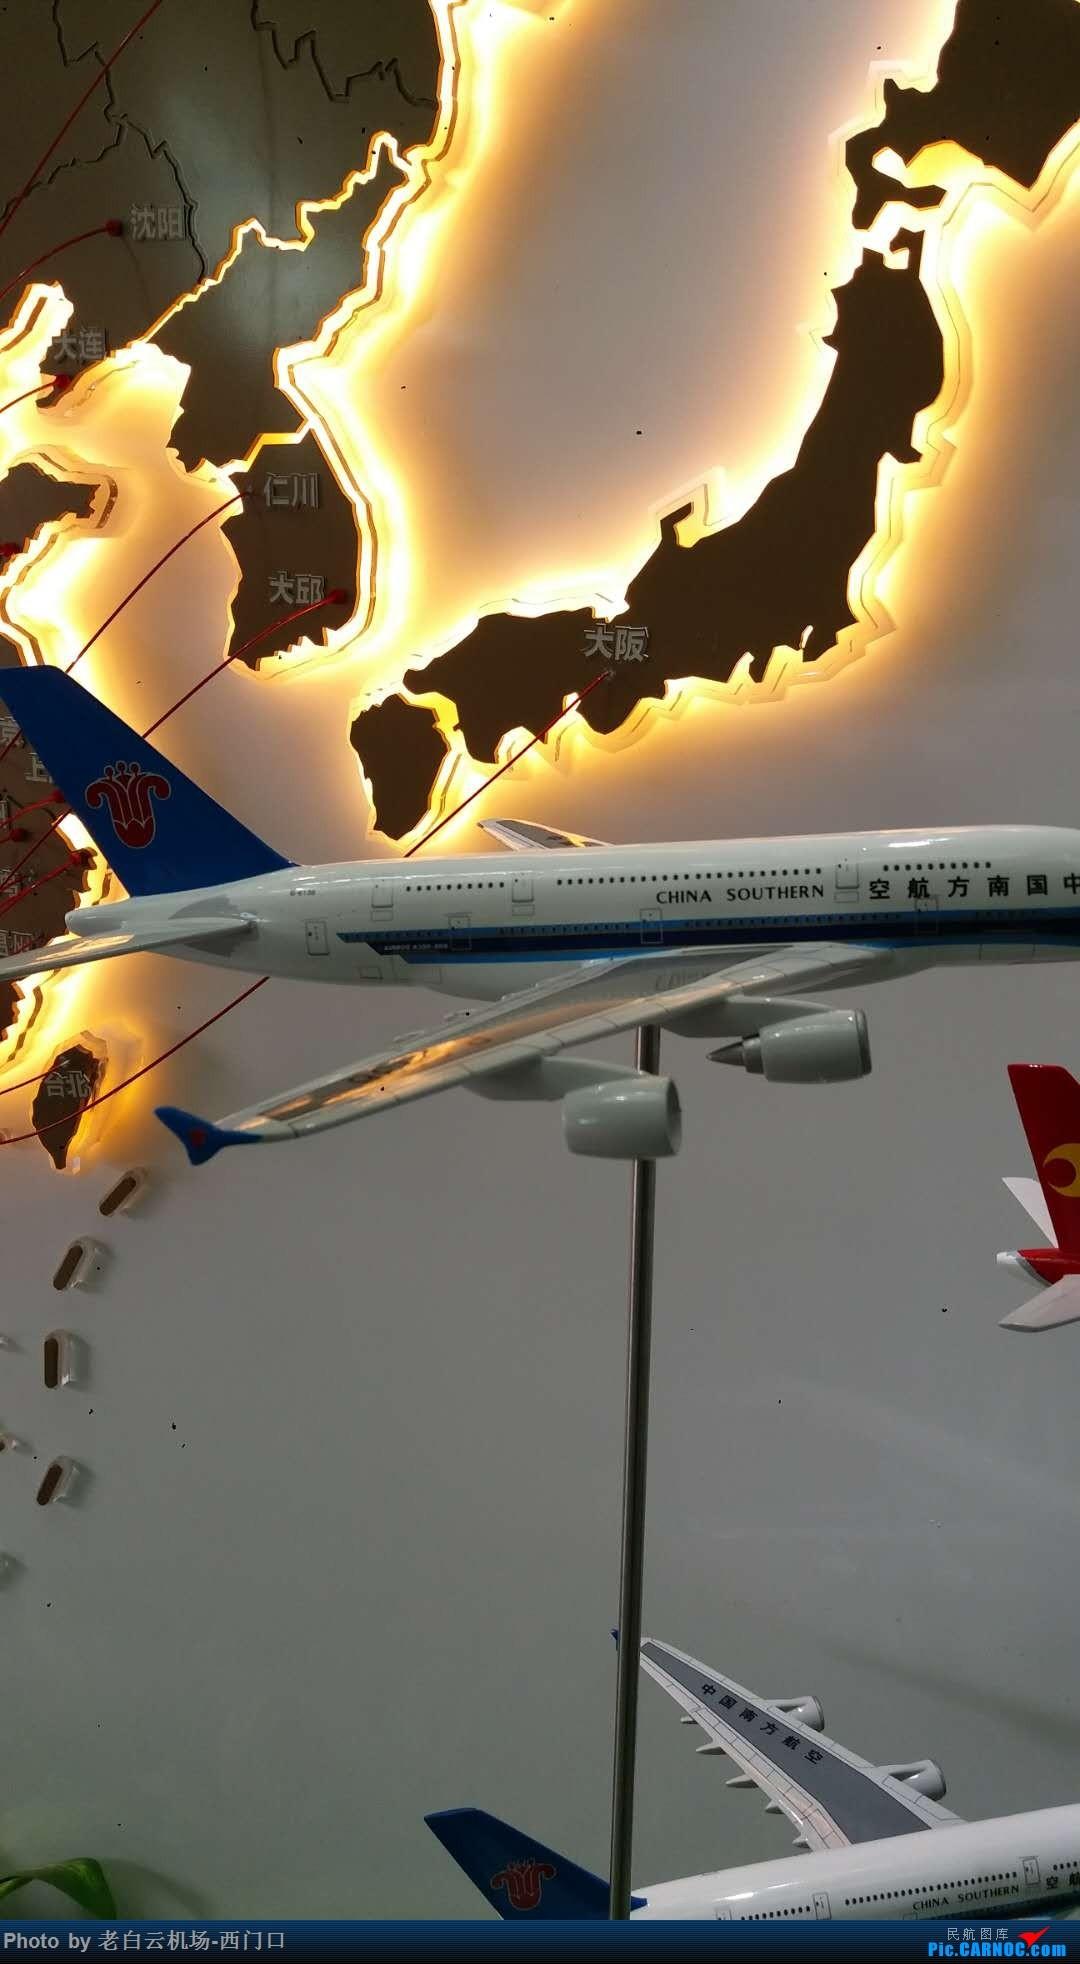 Re:[原创]【梁泽希拍机故事7】2018年第六次拍机 AIRBUS A380 B-6136 中国揭阳潮汕国际机场